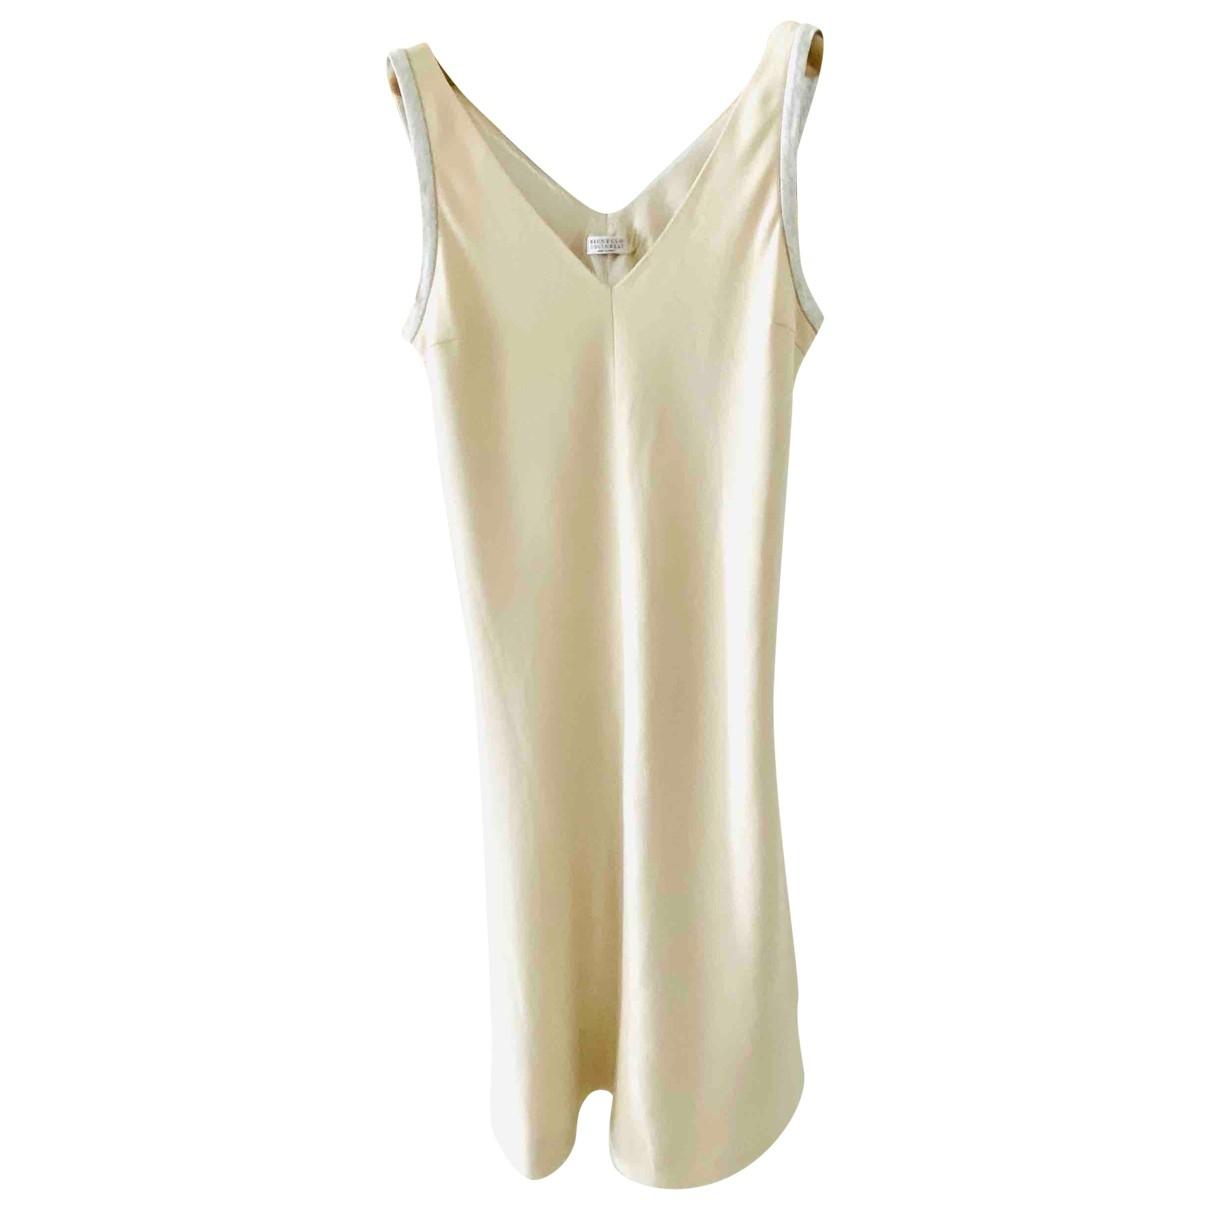 Brunello Cucinelli \N Beige Cotton - elasthane dress for Women S International